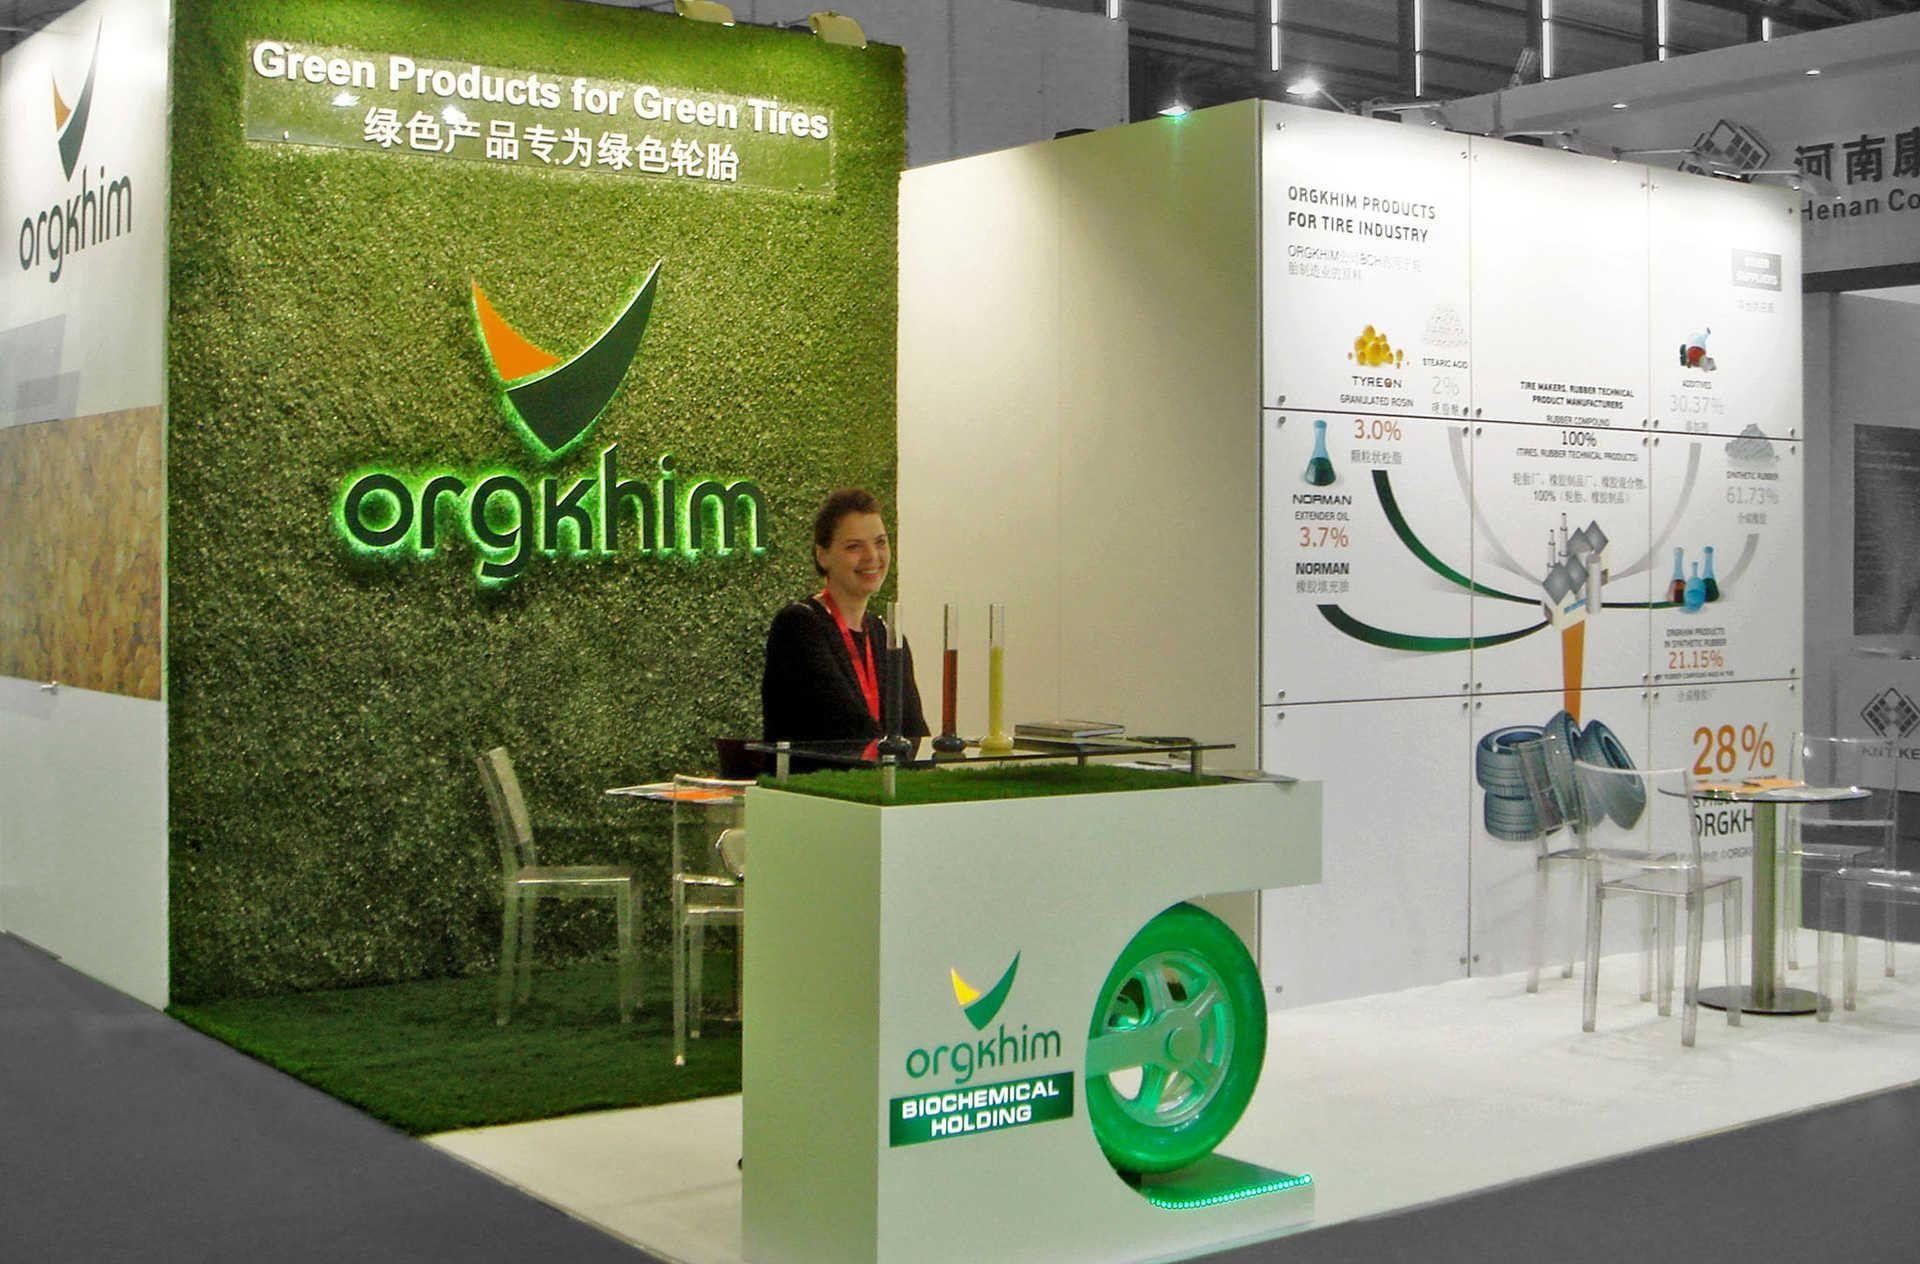 «Оргхим» представит на Tire Technology Expo 2018 масла-пластификаторы для «зеленых» шин